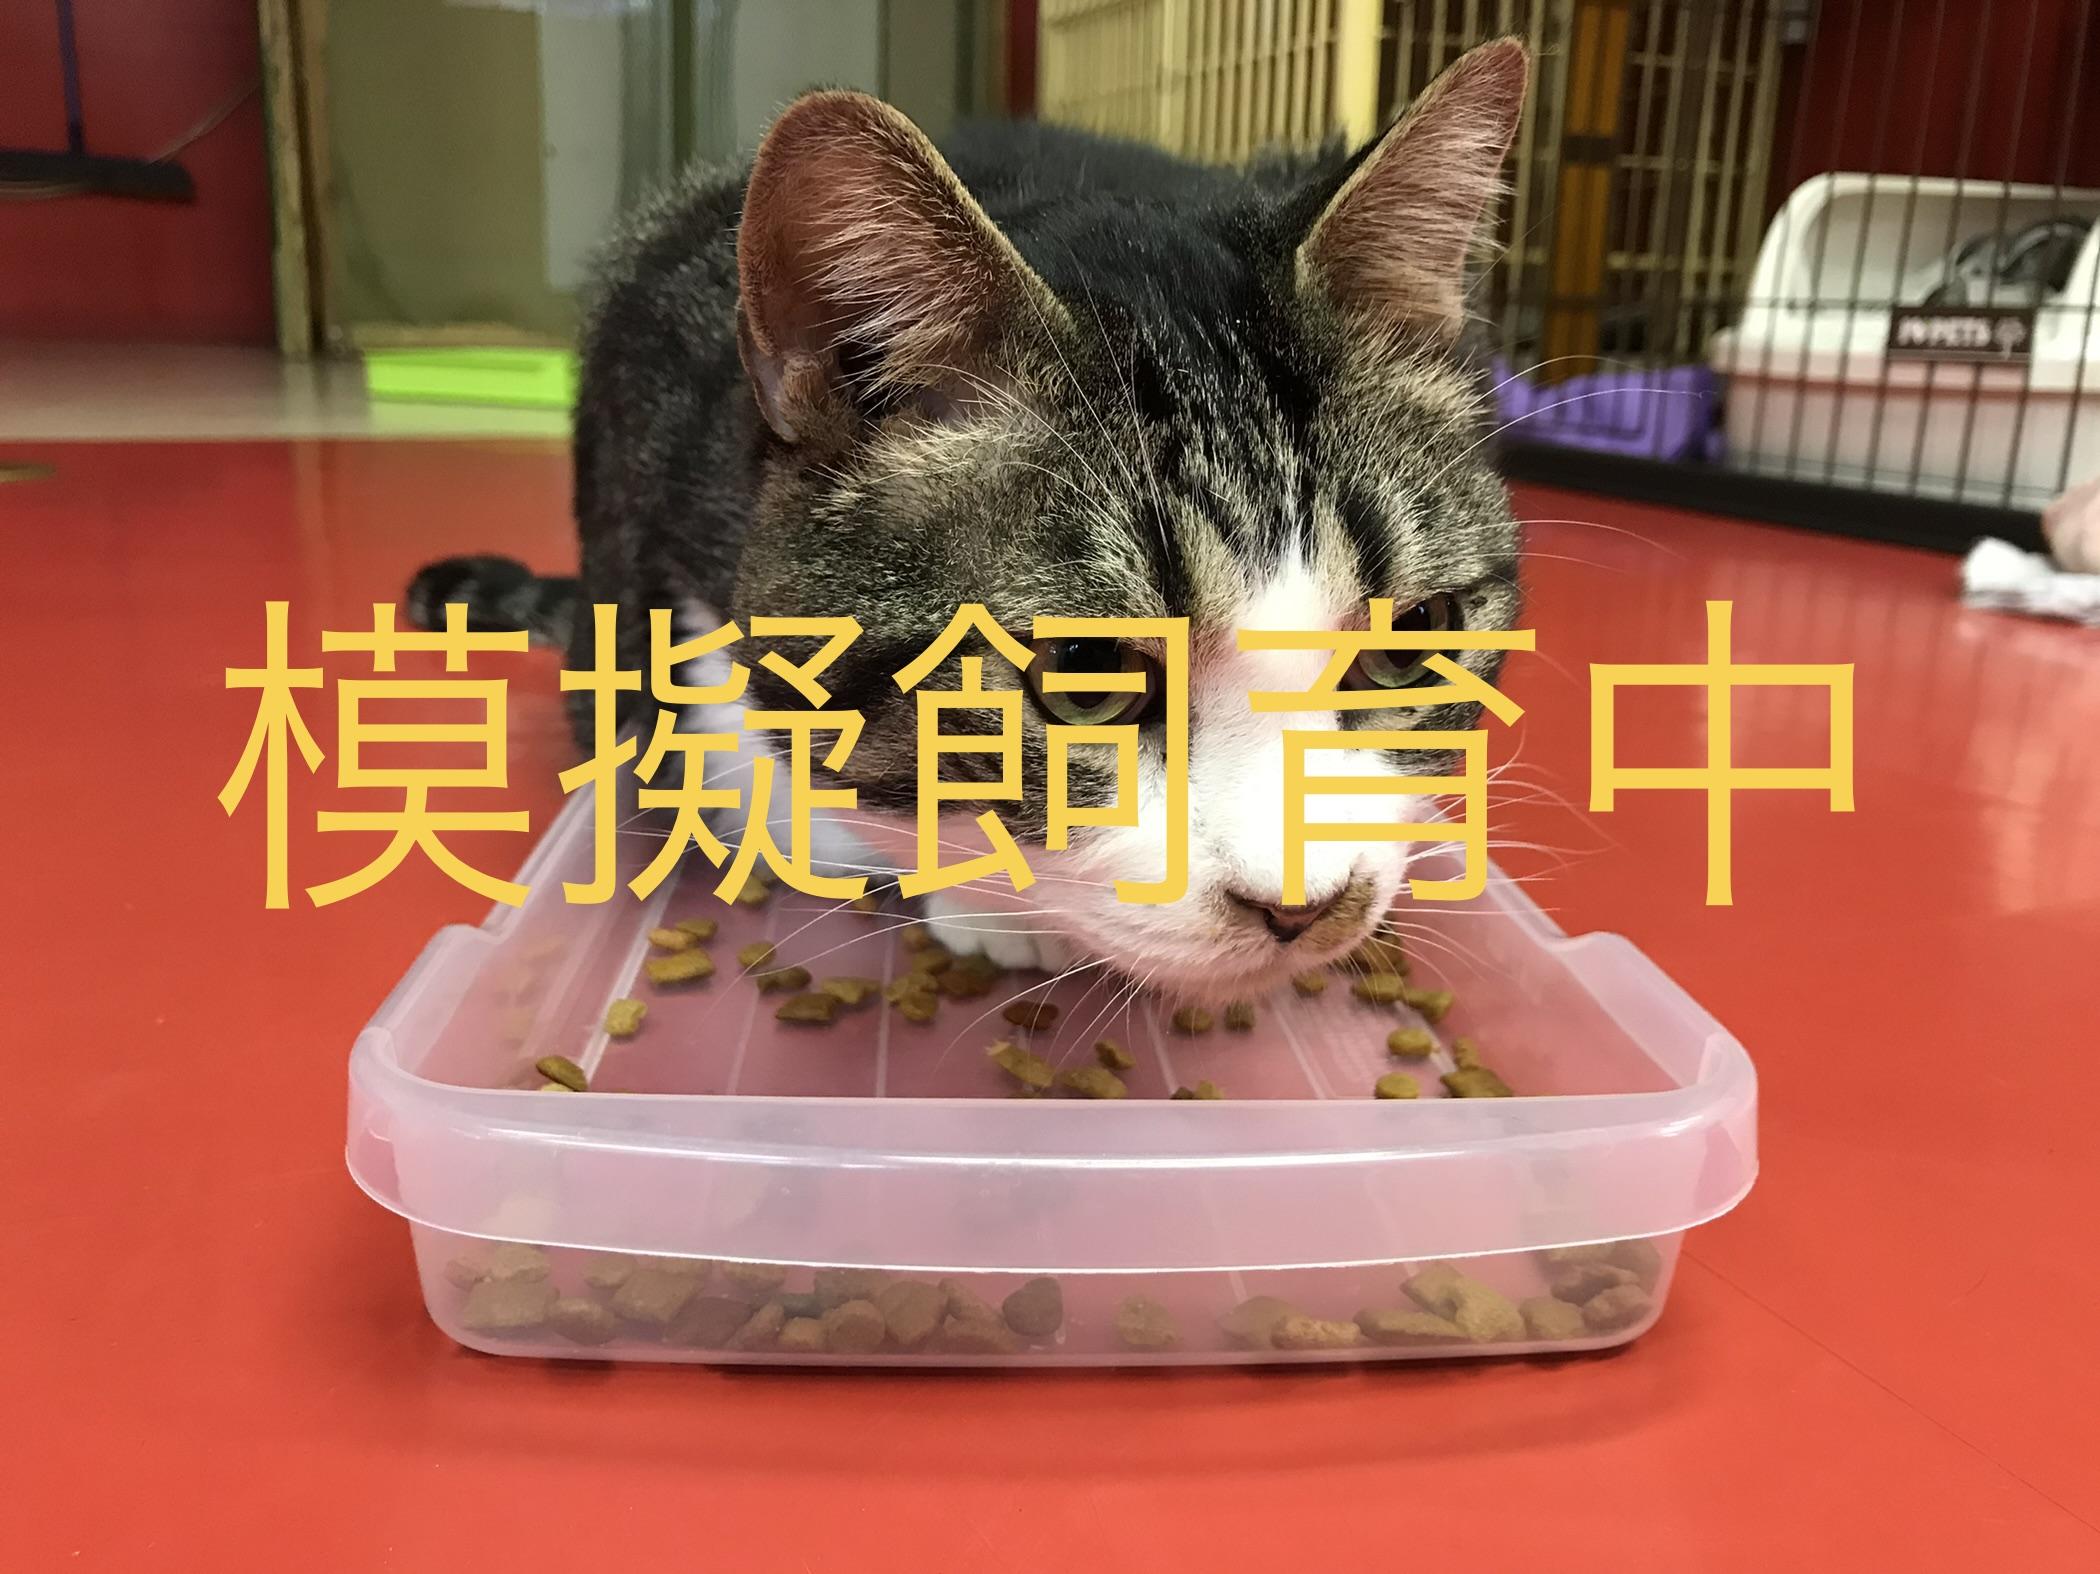 <ul> <li>F1-5</li> <li>猫種:日本猫 キジトラ白</li> <li>性別:男の子</li> <li>名前:キング</li> <li>年齢:5才</li> <li>保護経緯:飼い主様の諸事情により飼育困難になりました</li> <li>その他:去勢済み</li> </ul>